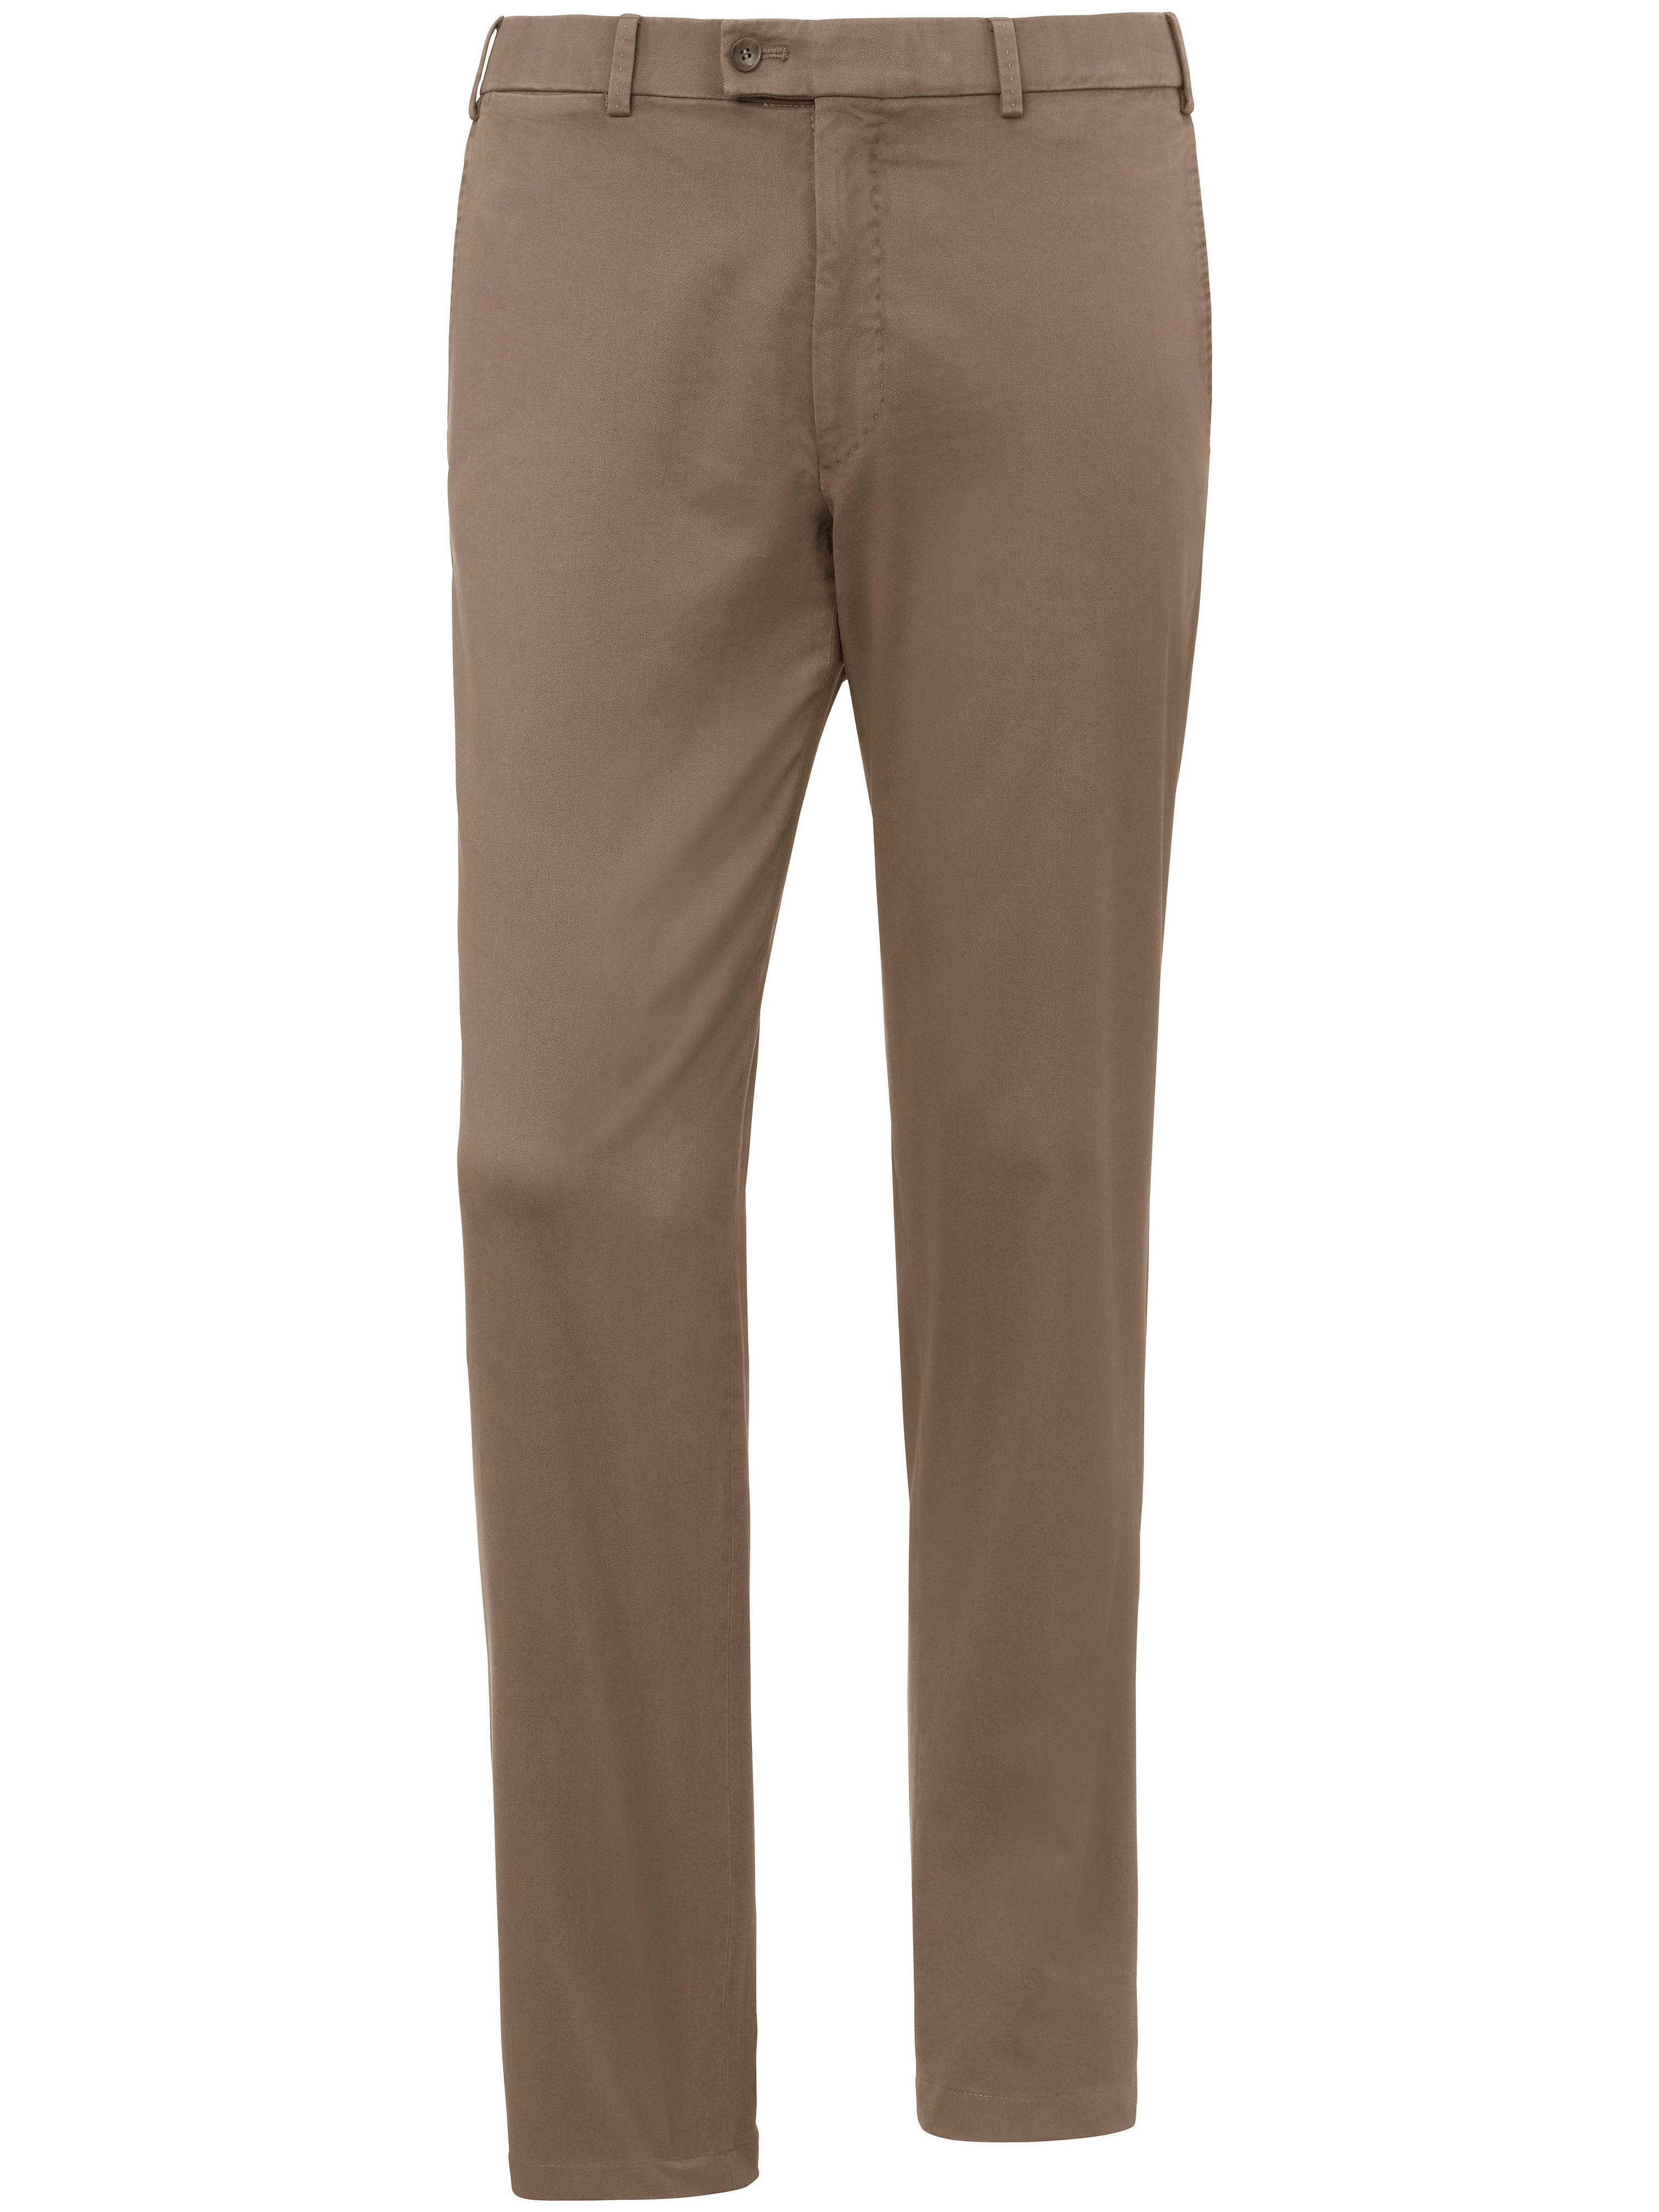 Hose Modell PARMA HILTL beige